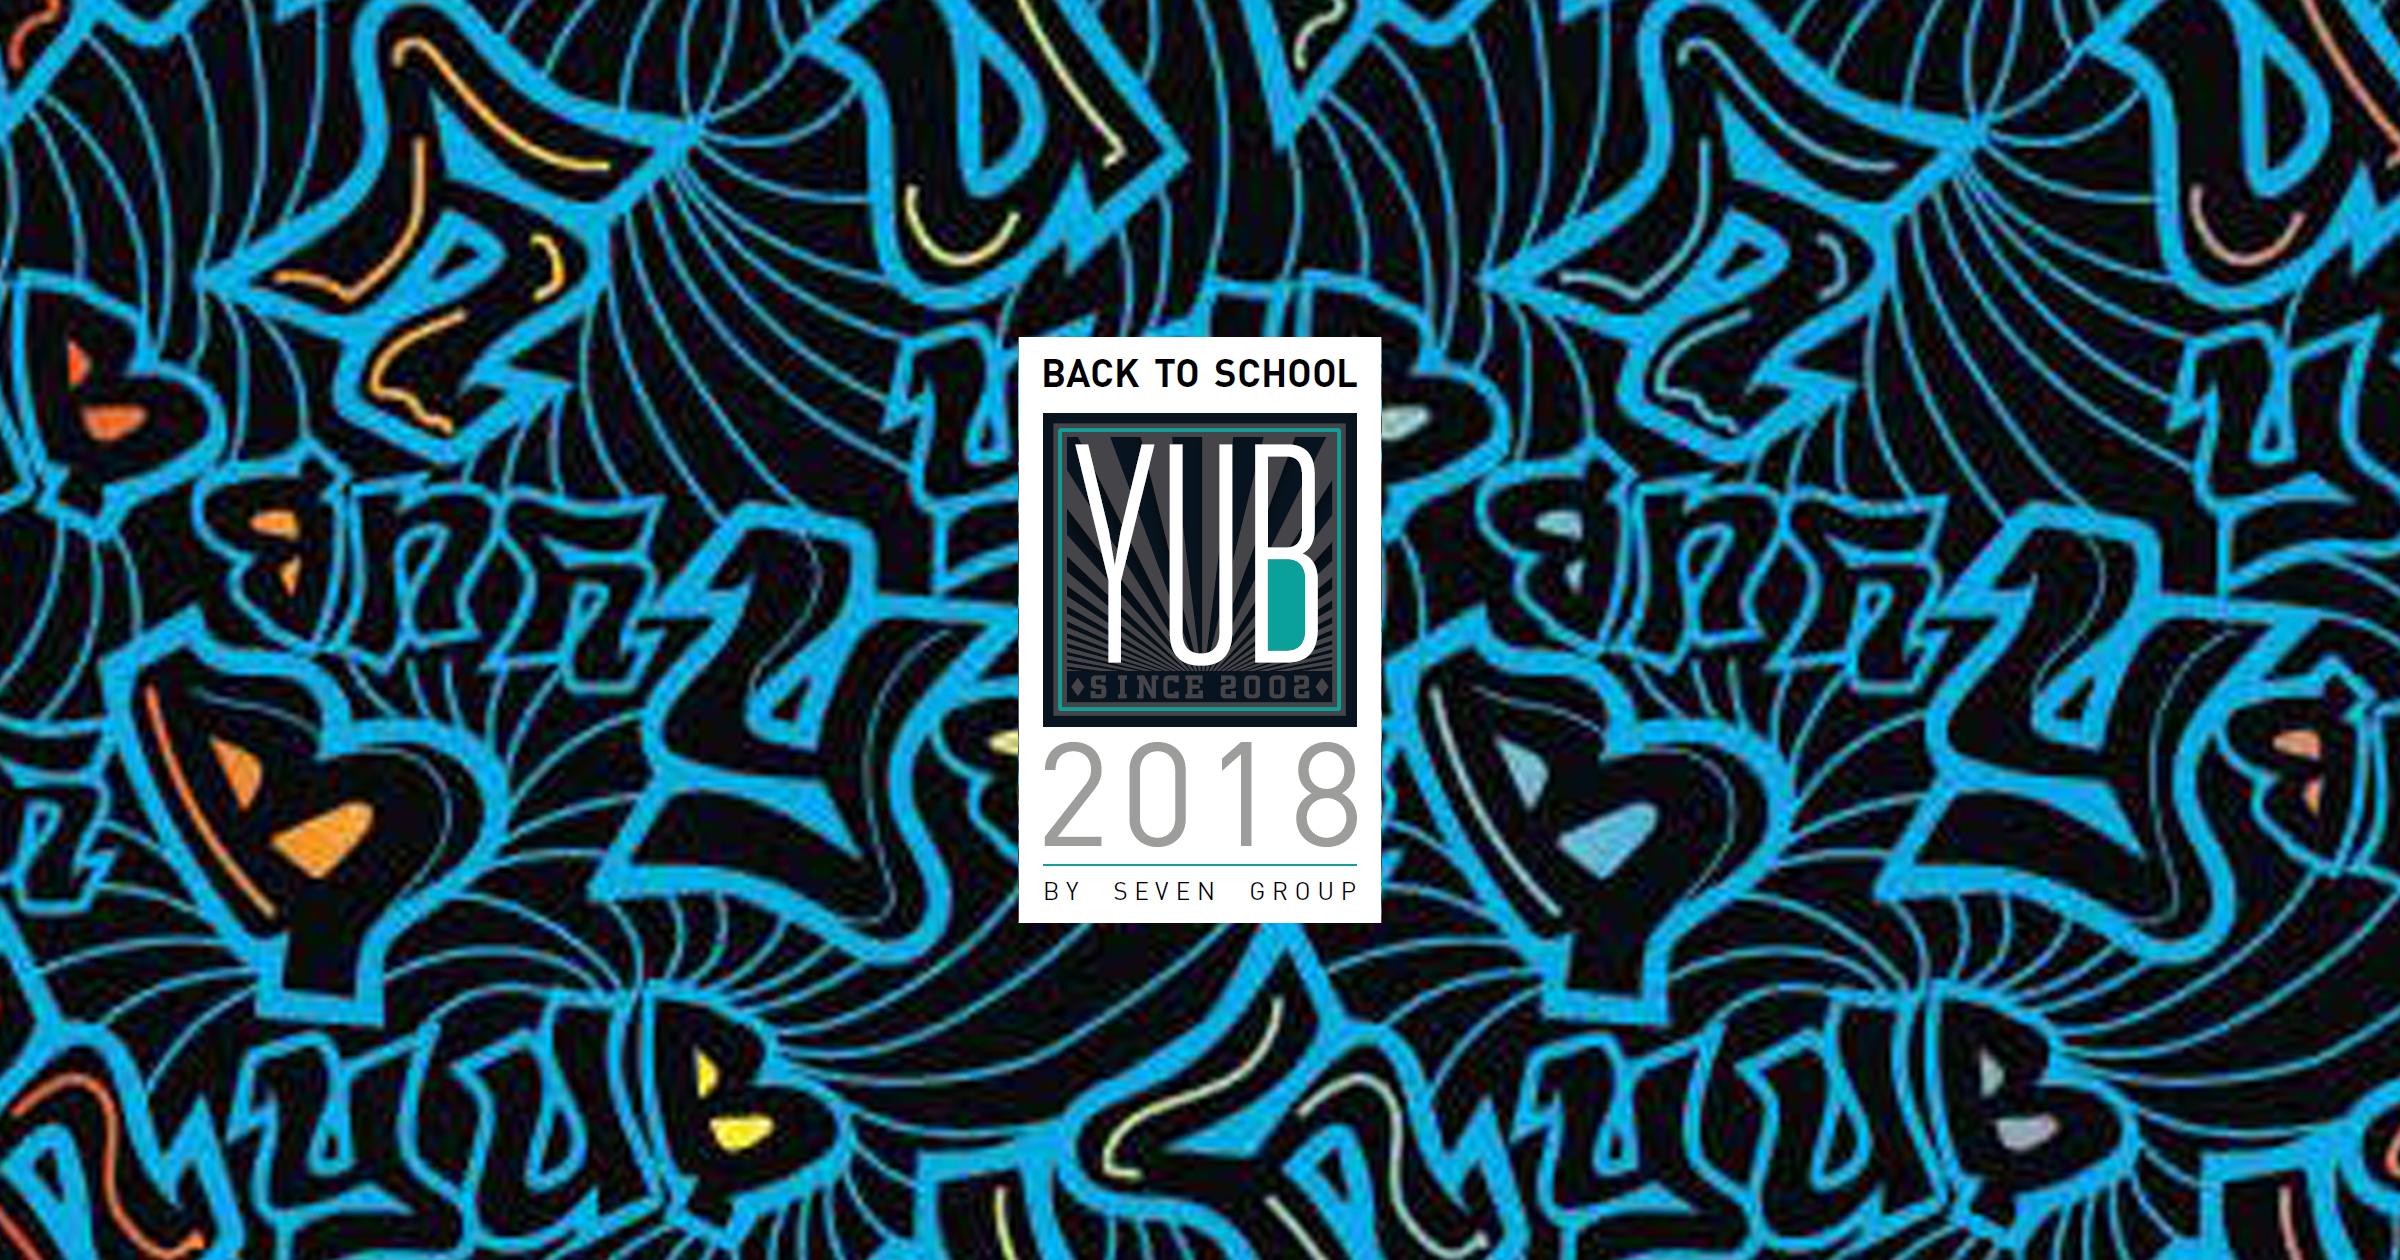 Seven Yub 2018 – Prenotazioni